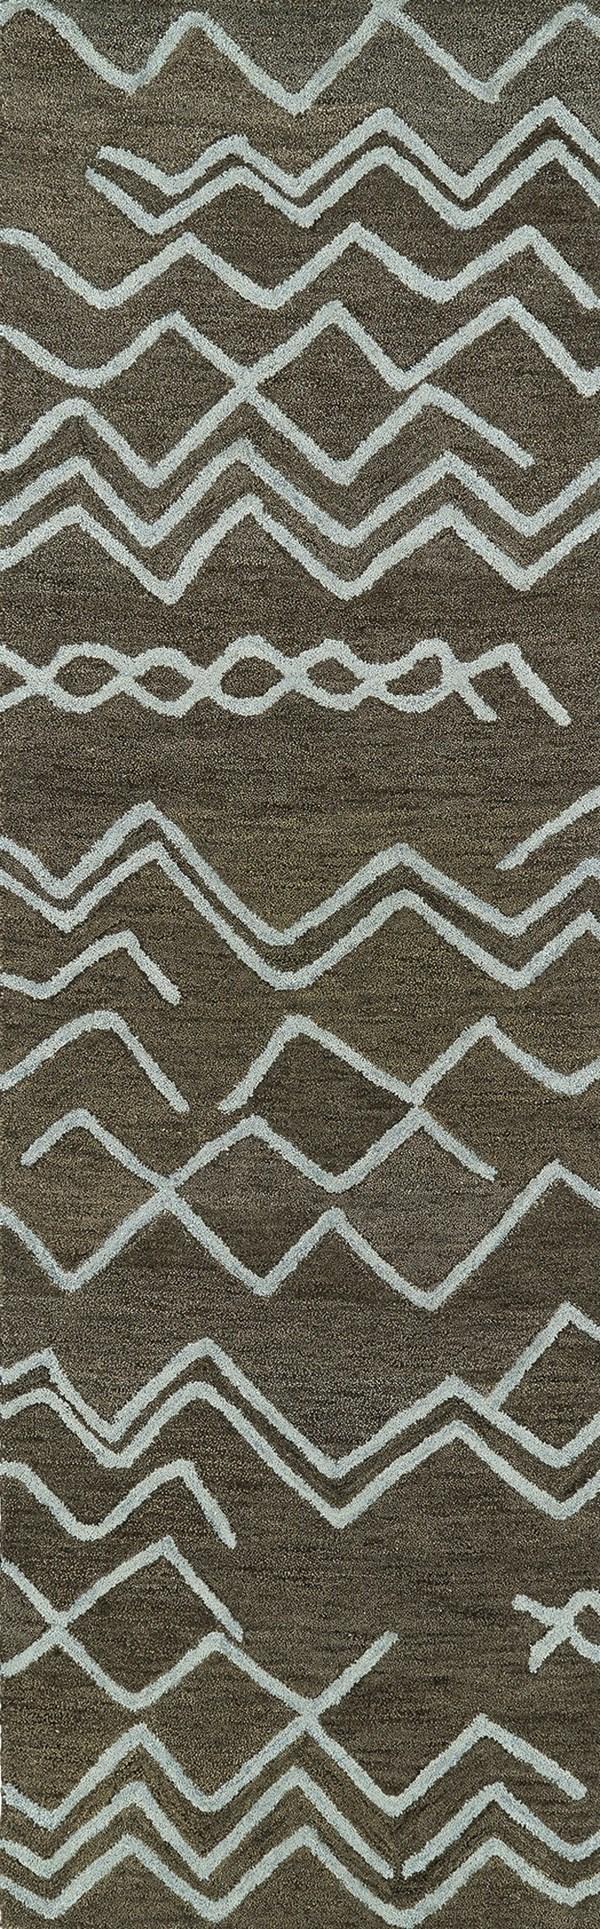 Charcoal, Sky Blue (80) Southwestern / Lodge Area Rug